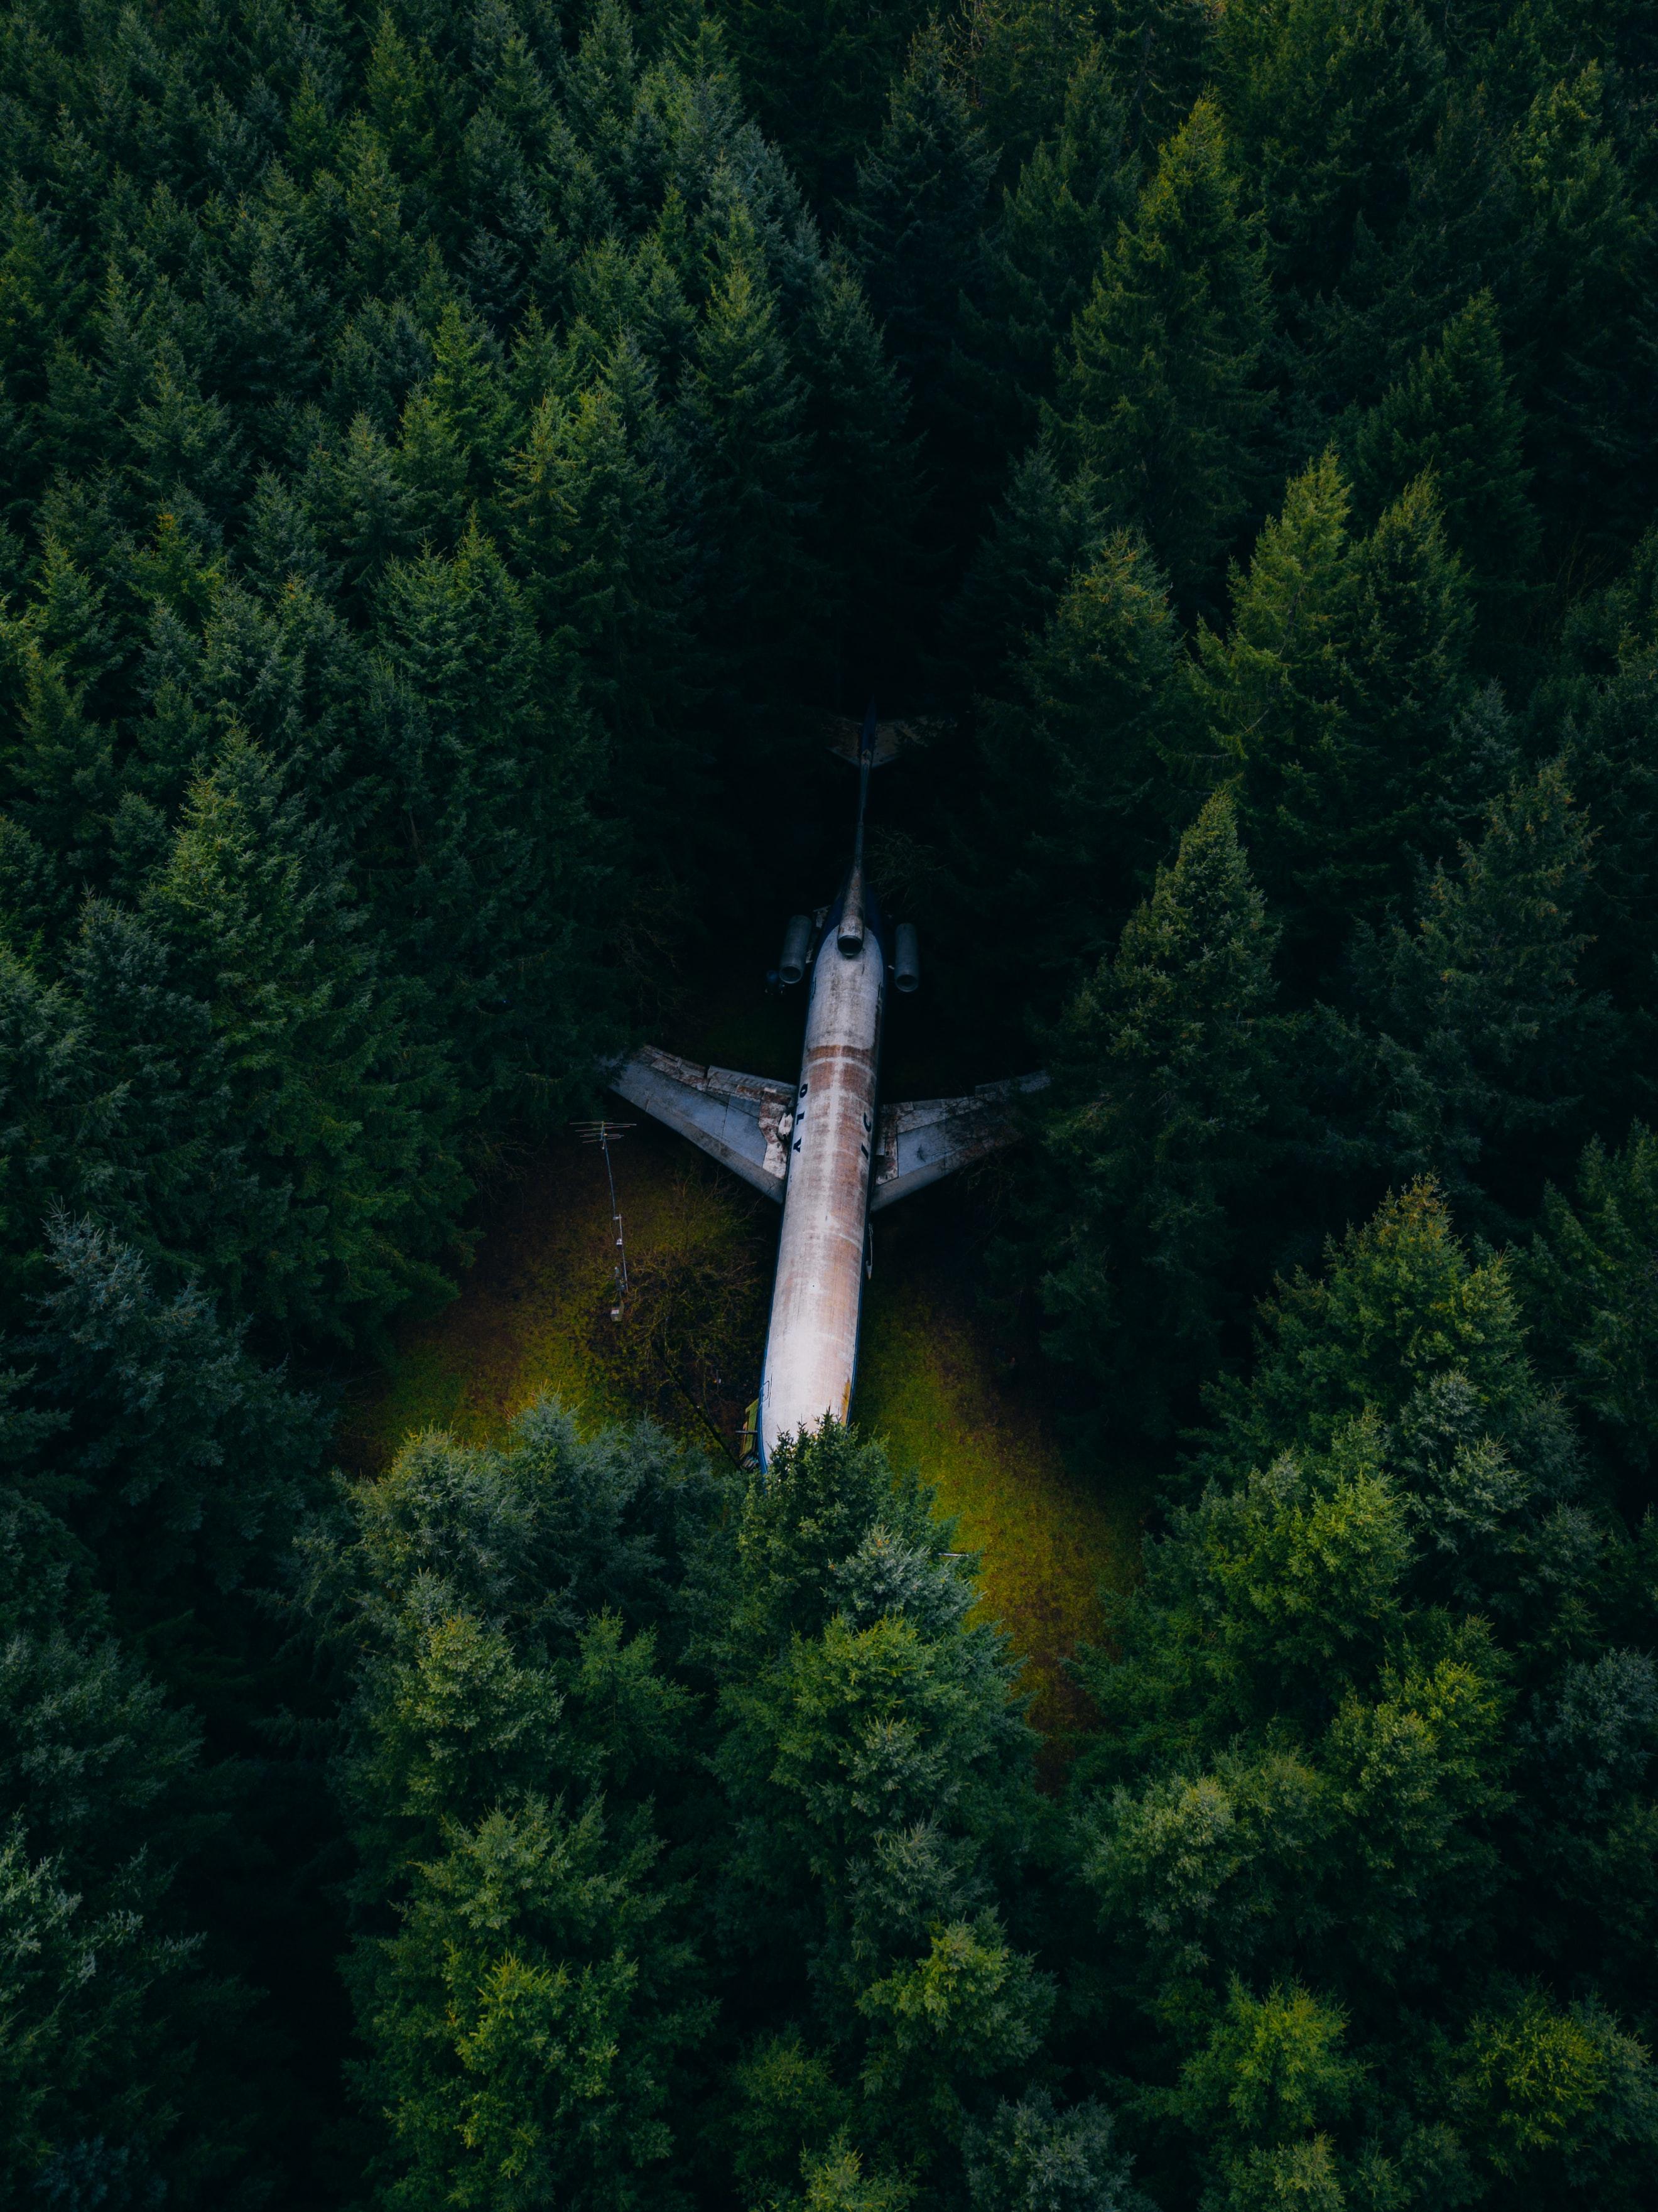 65196 скачать обои Разное, Самолет, Лес, Вид Сверху, Деревья, Елки - заставки и картинки бесплатно